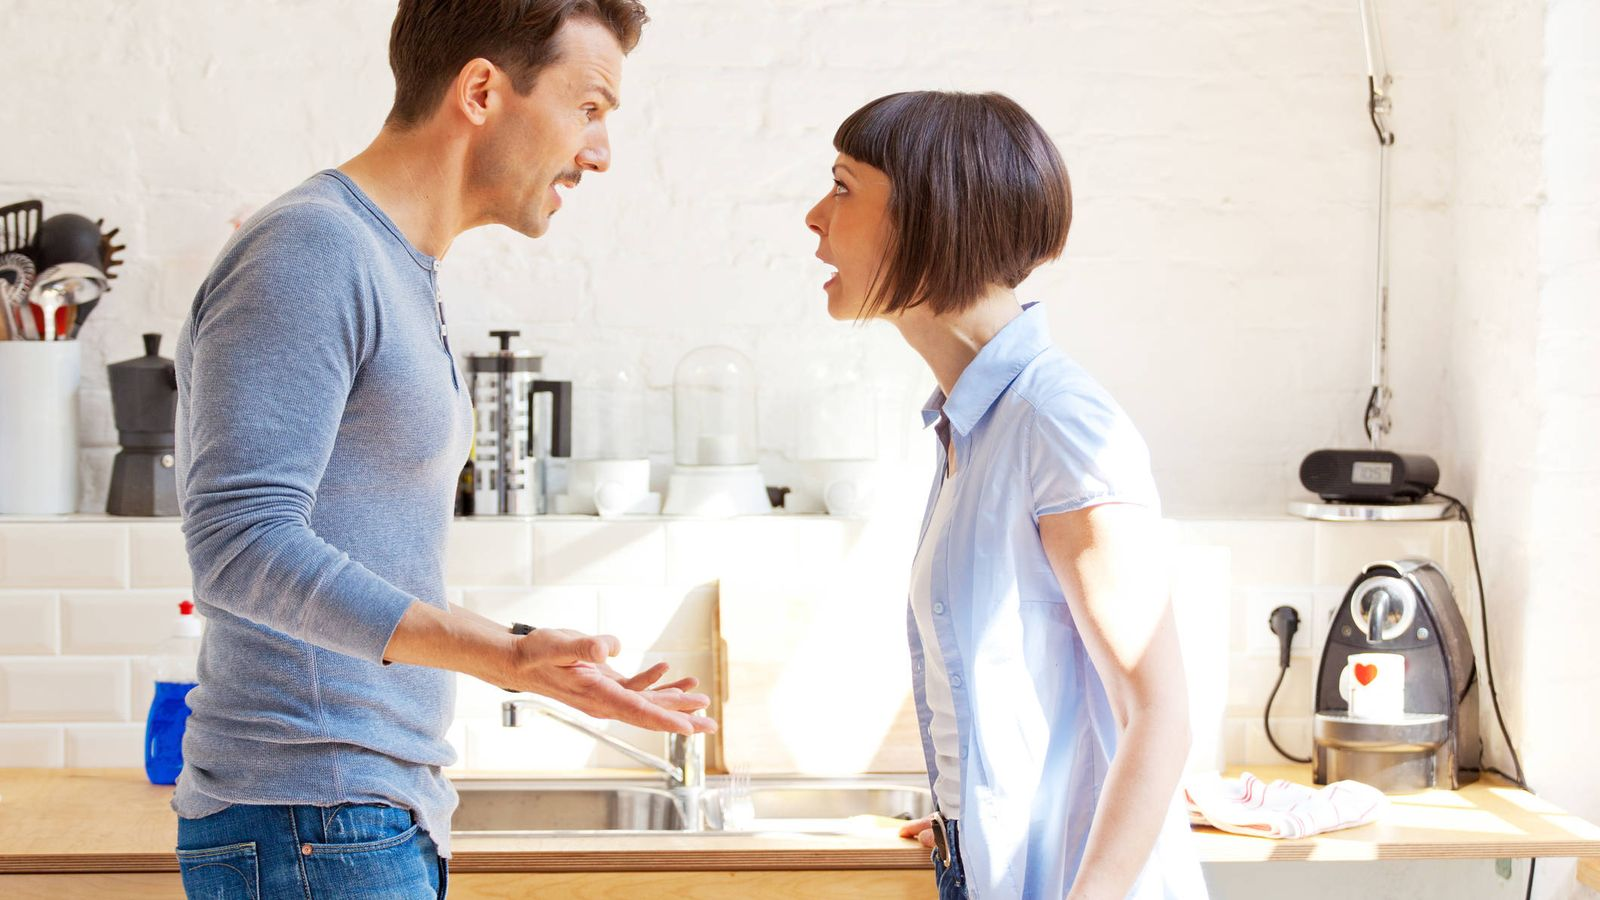 b36d8b8ee46f2 Relaciones de pareja  La palabra de dos letras que acaba con todas las  discusiones de pareja